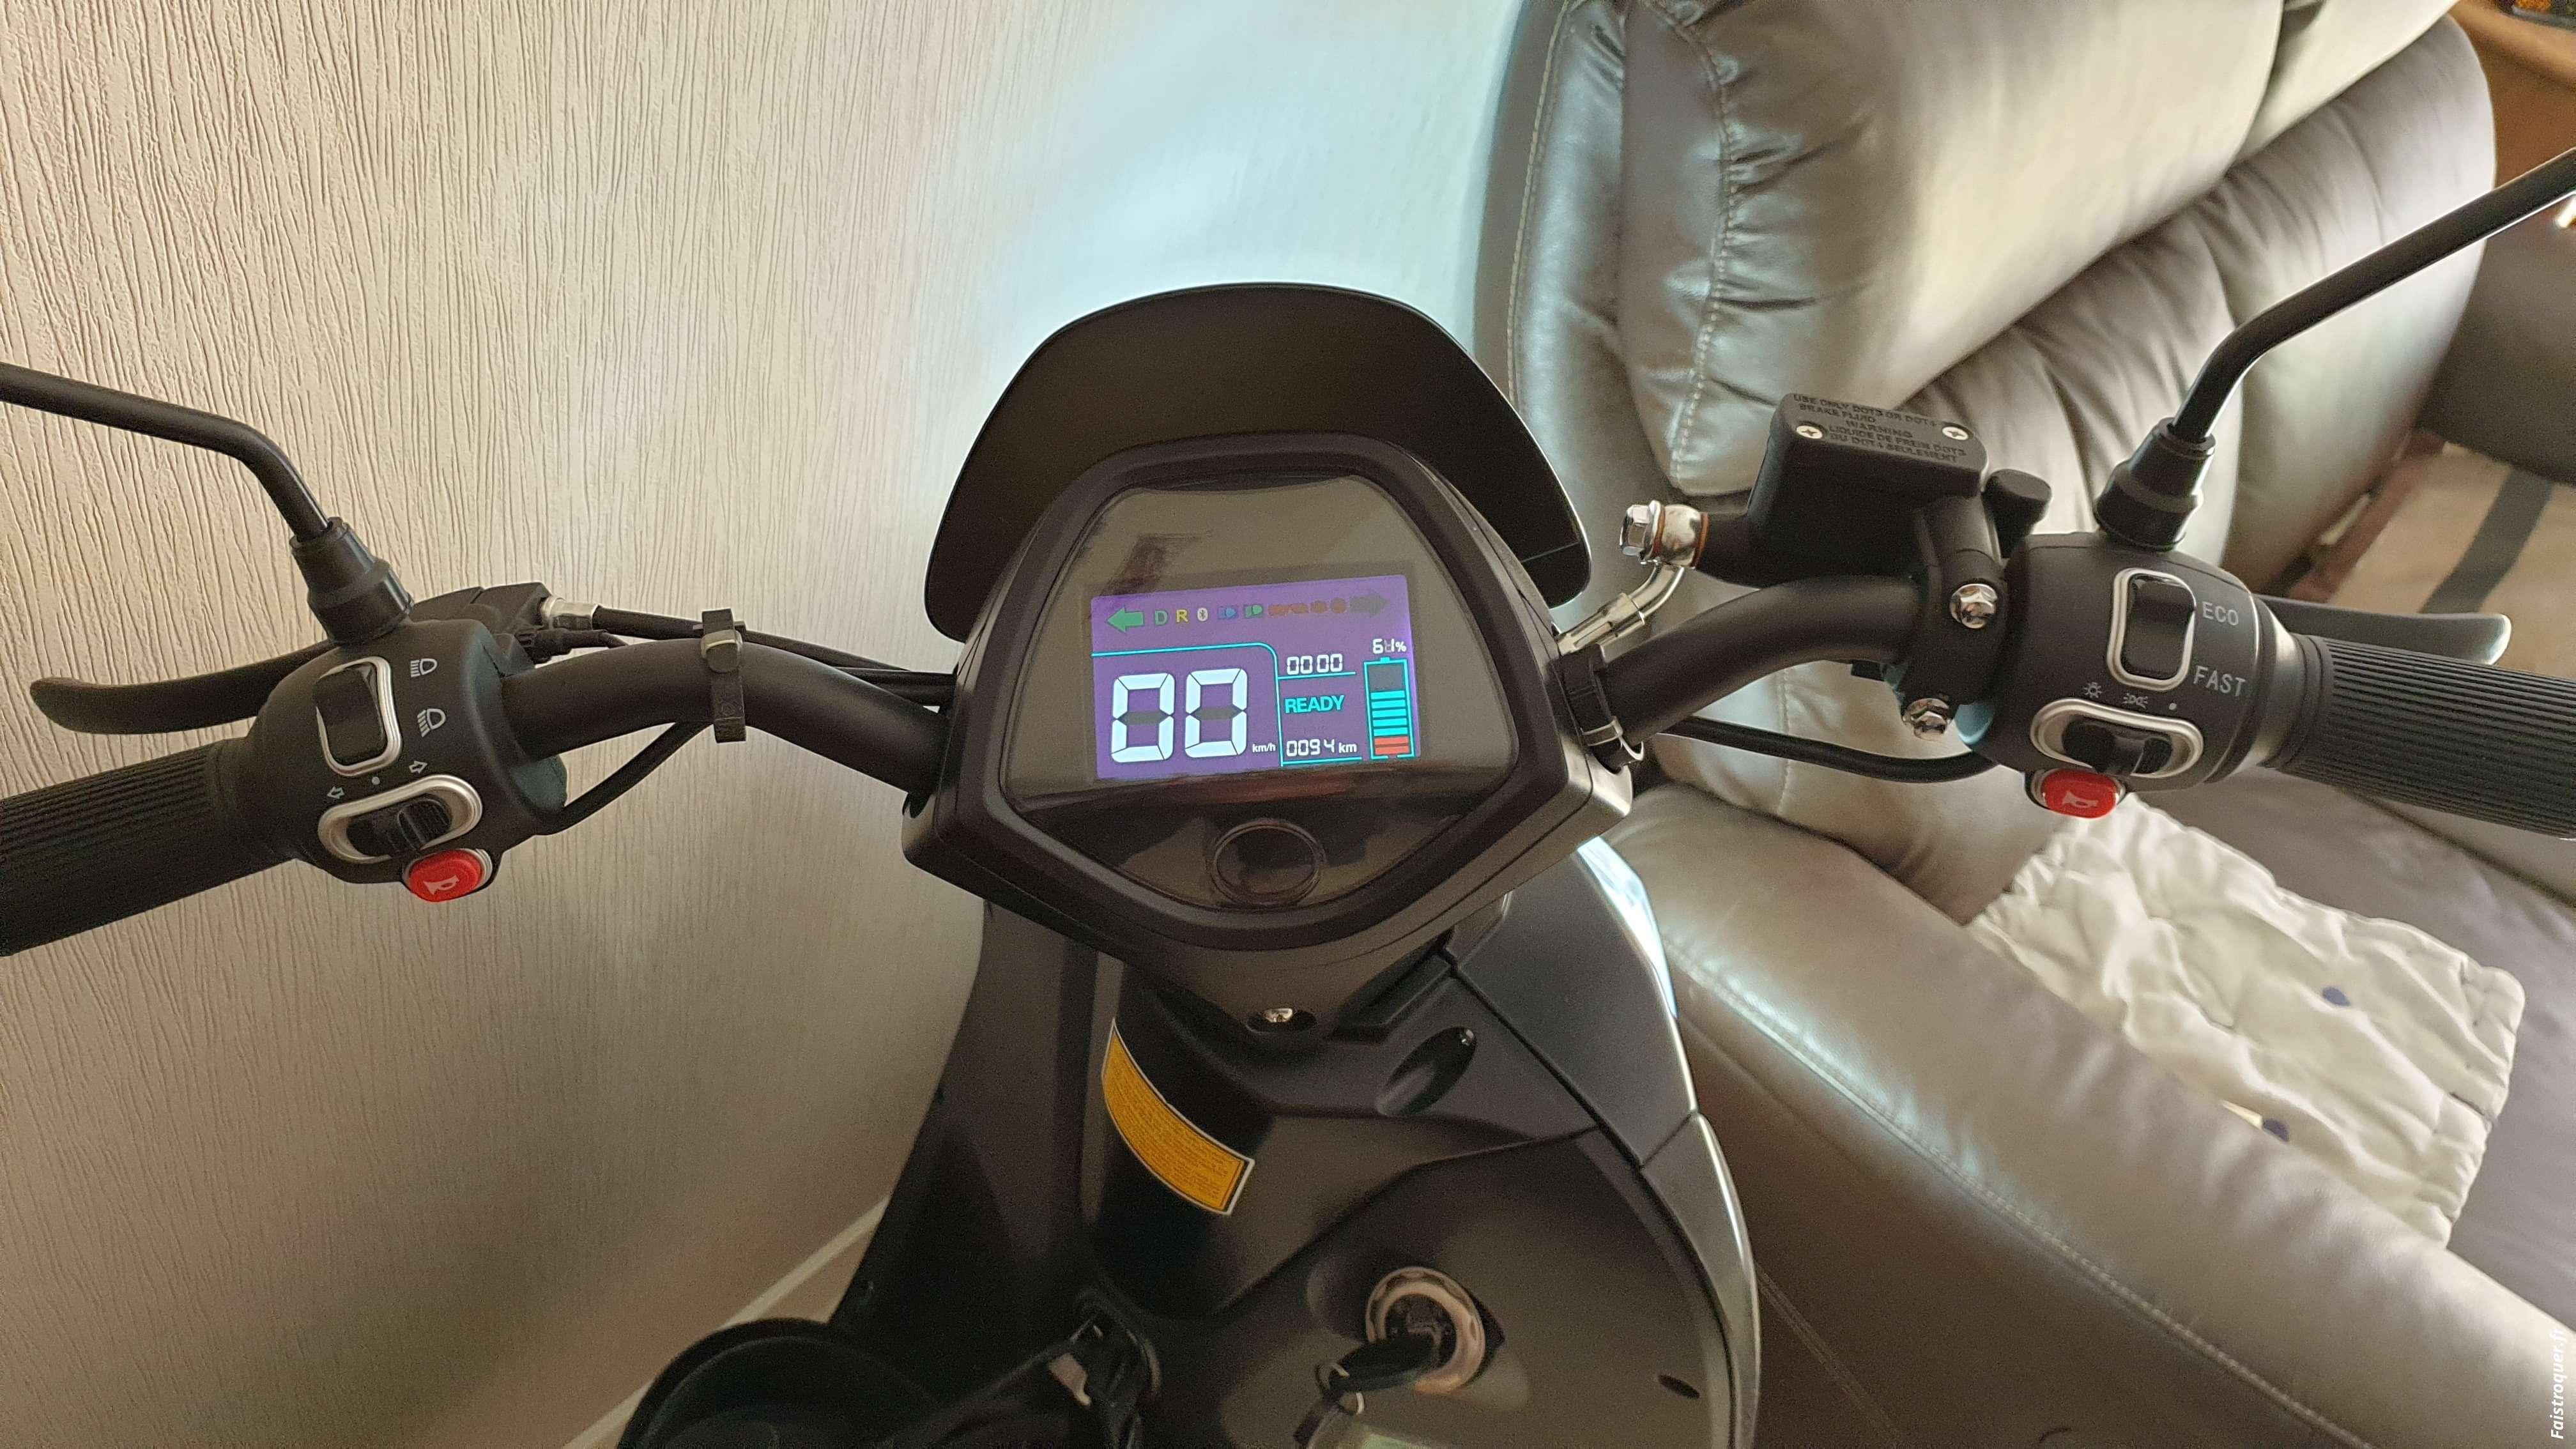 Scooter électrique Wayscral contre voiture avec CT